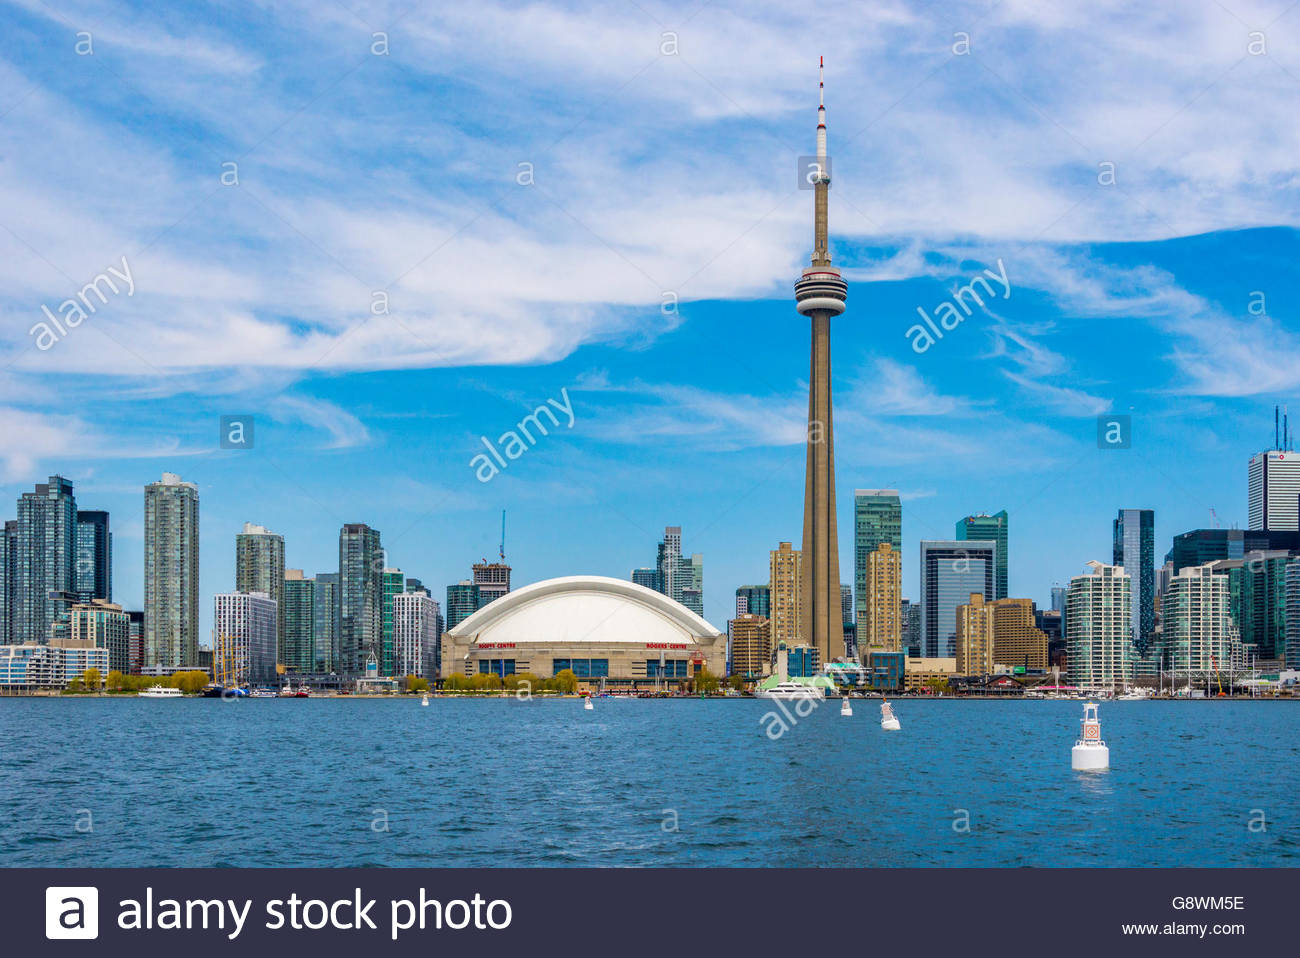 Cn Tower de Toronto skyline visto desde el Lago Ontario. La ciudad ofrece excursiones en barco que son muy populares Imagen De Stock